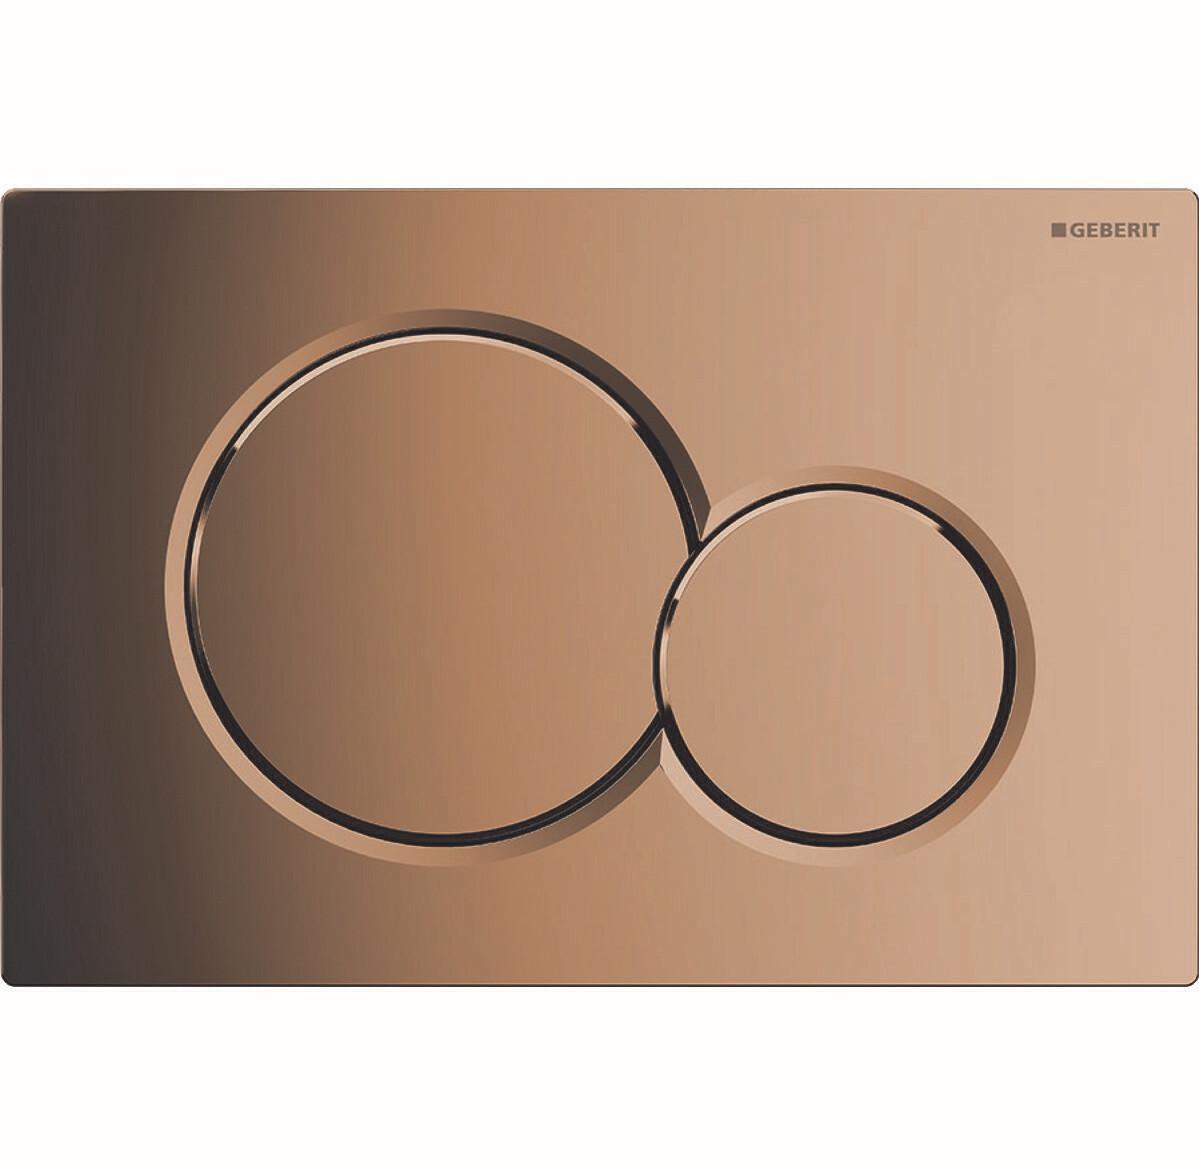 Plaque de déclenchement Geberit Sigma01 / Laiton spécial galvanisé